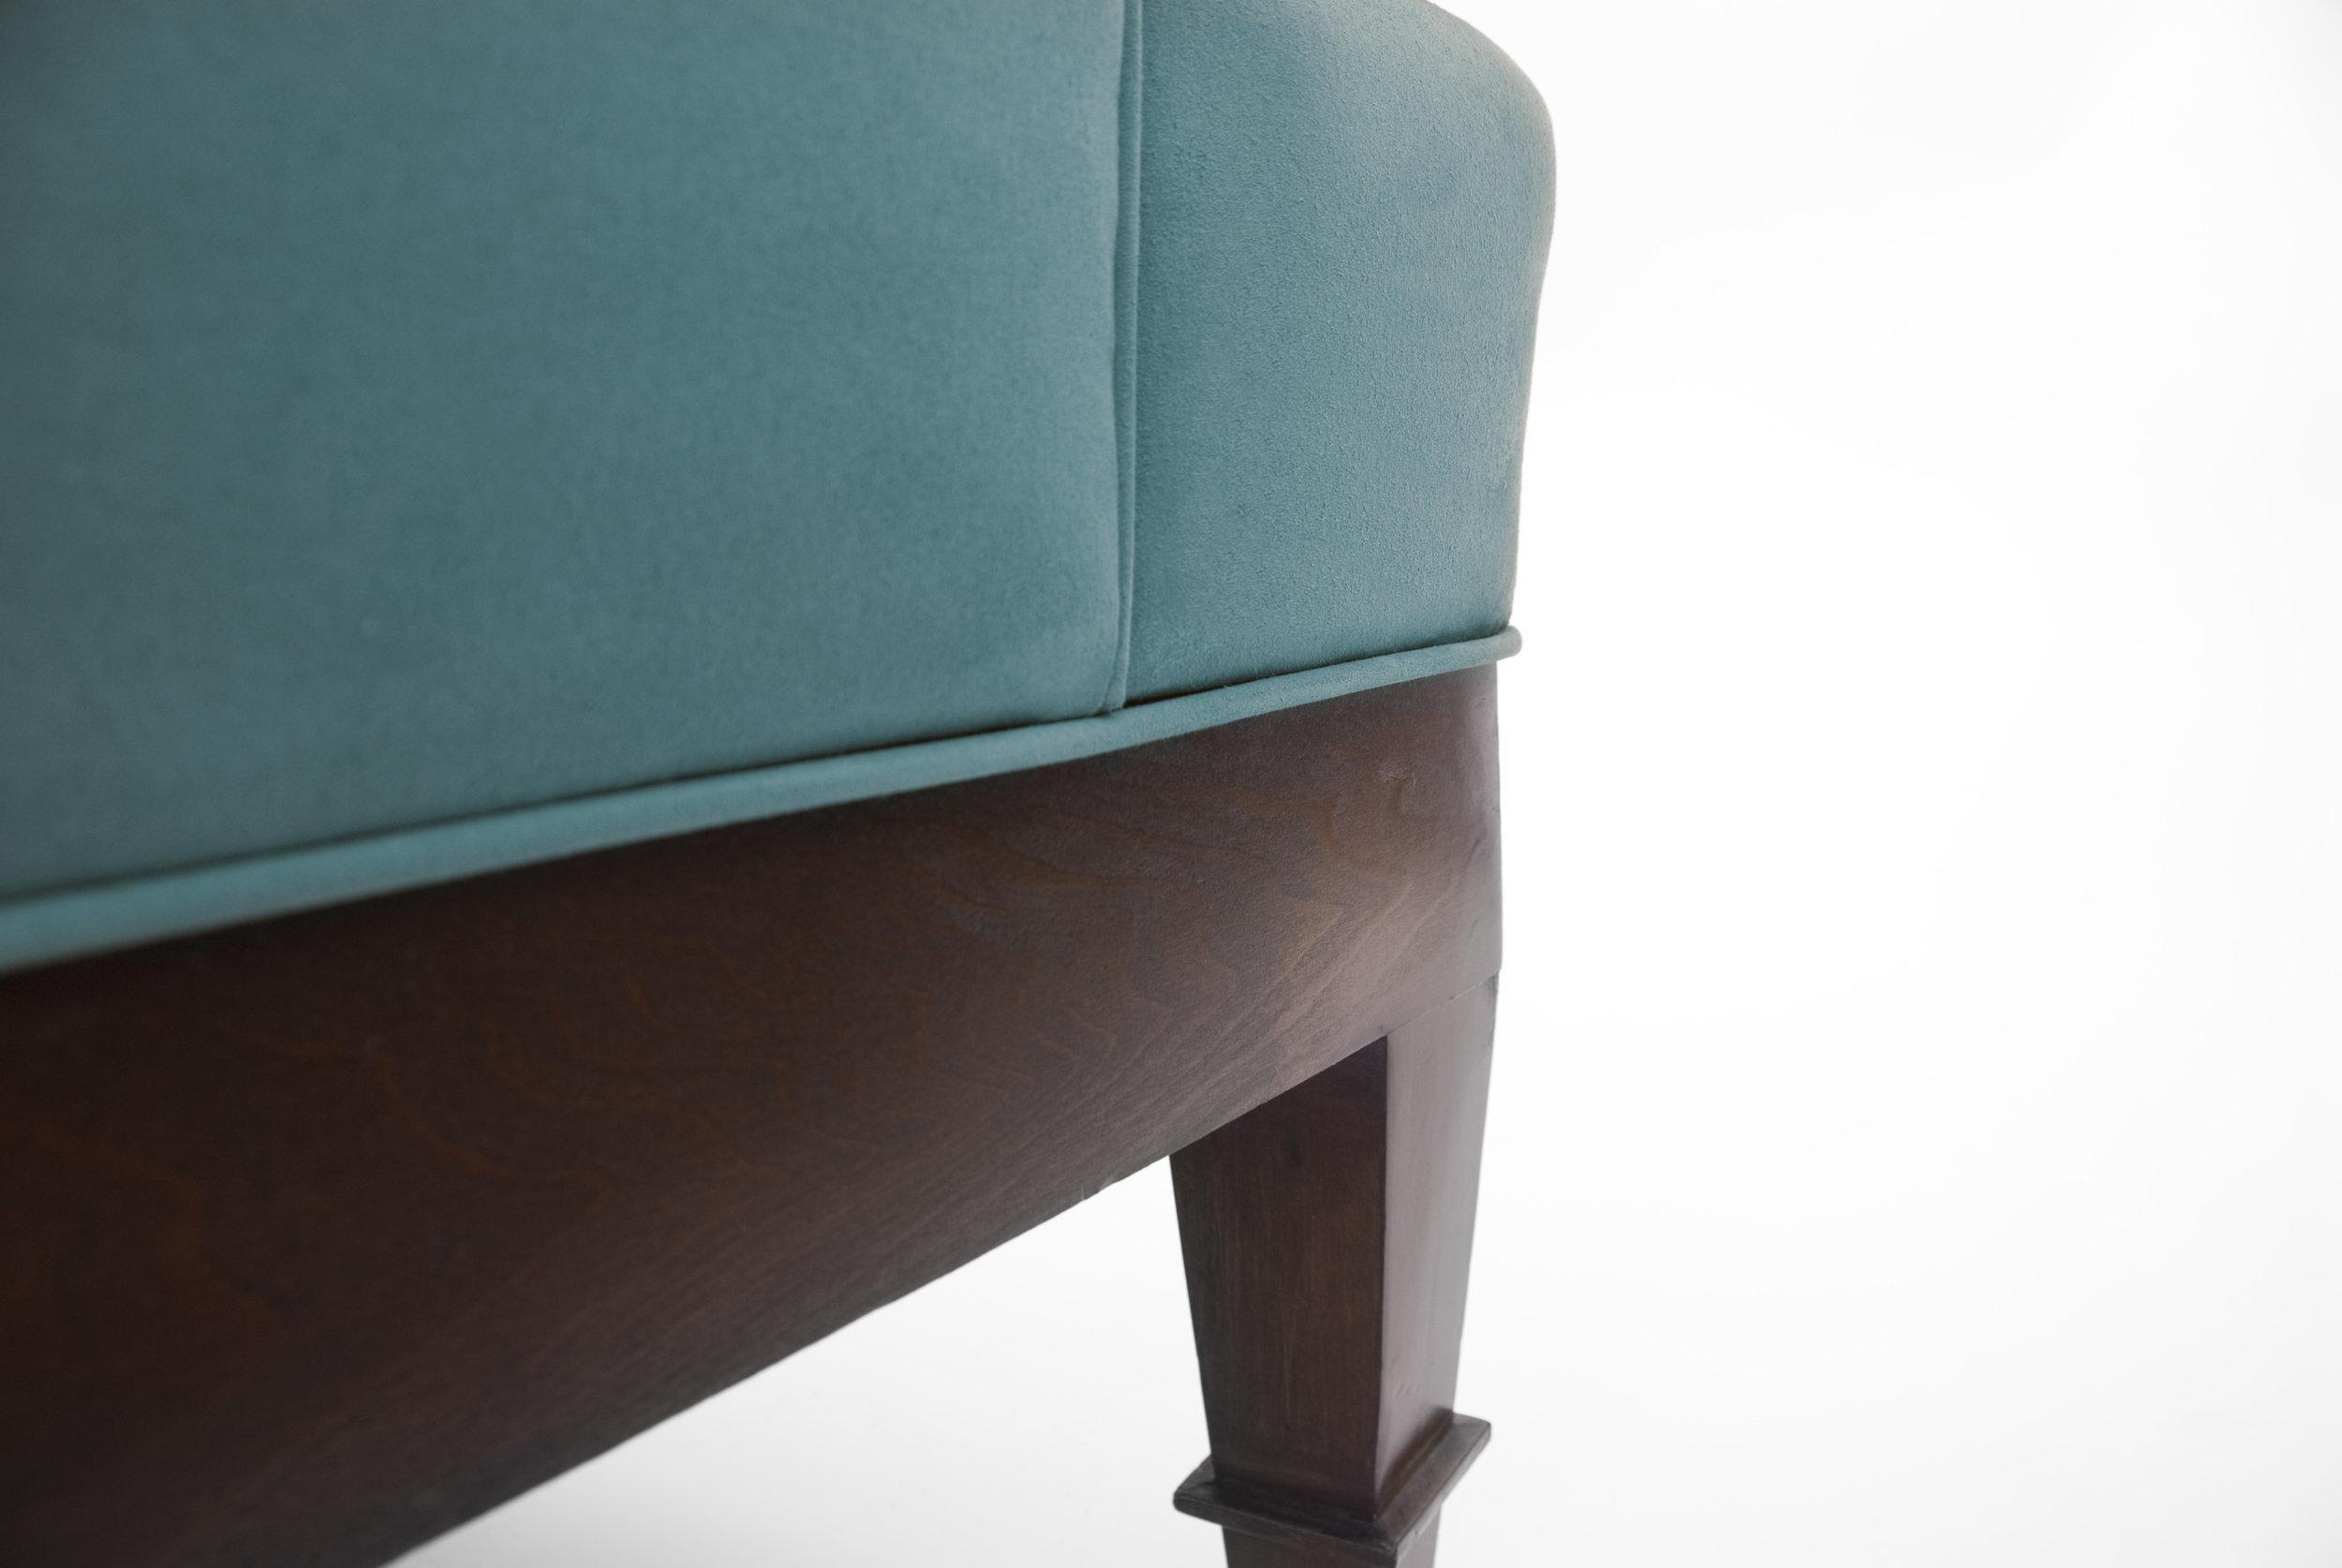 stevie-blue-detail-1.jpg